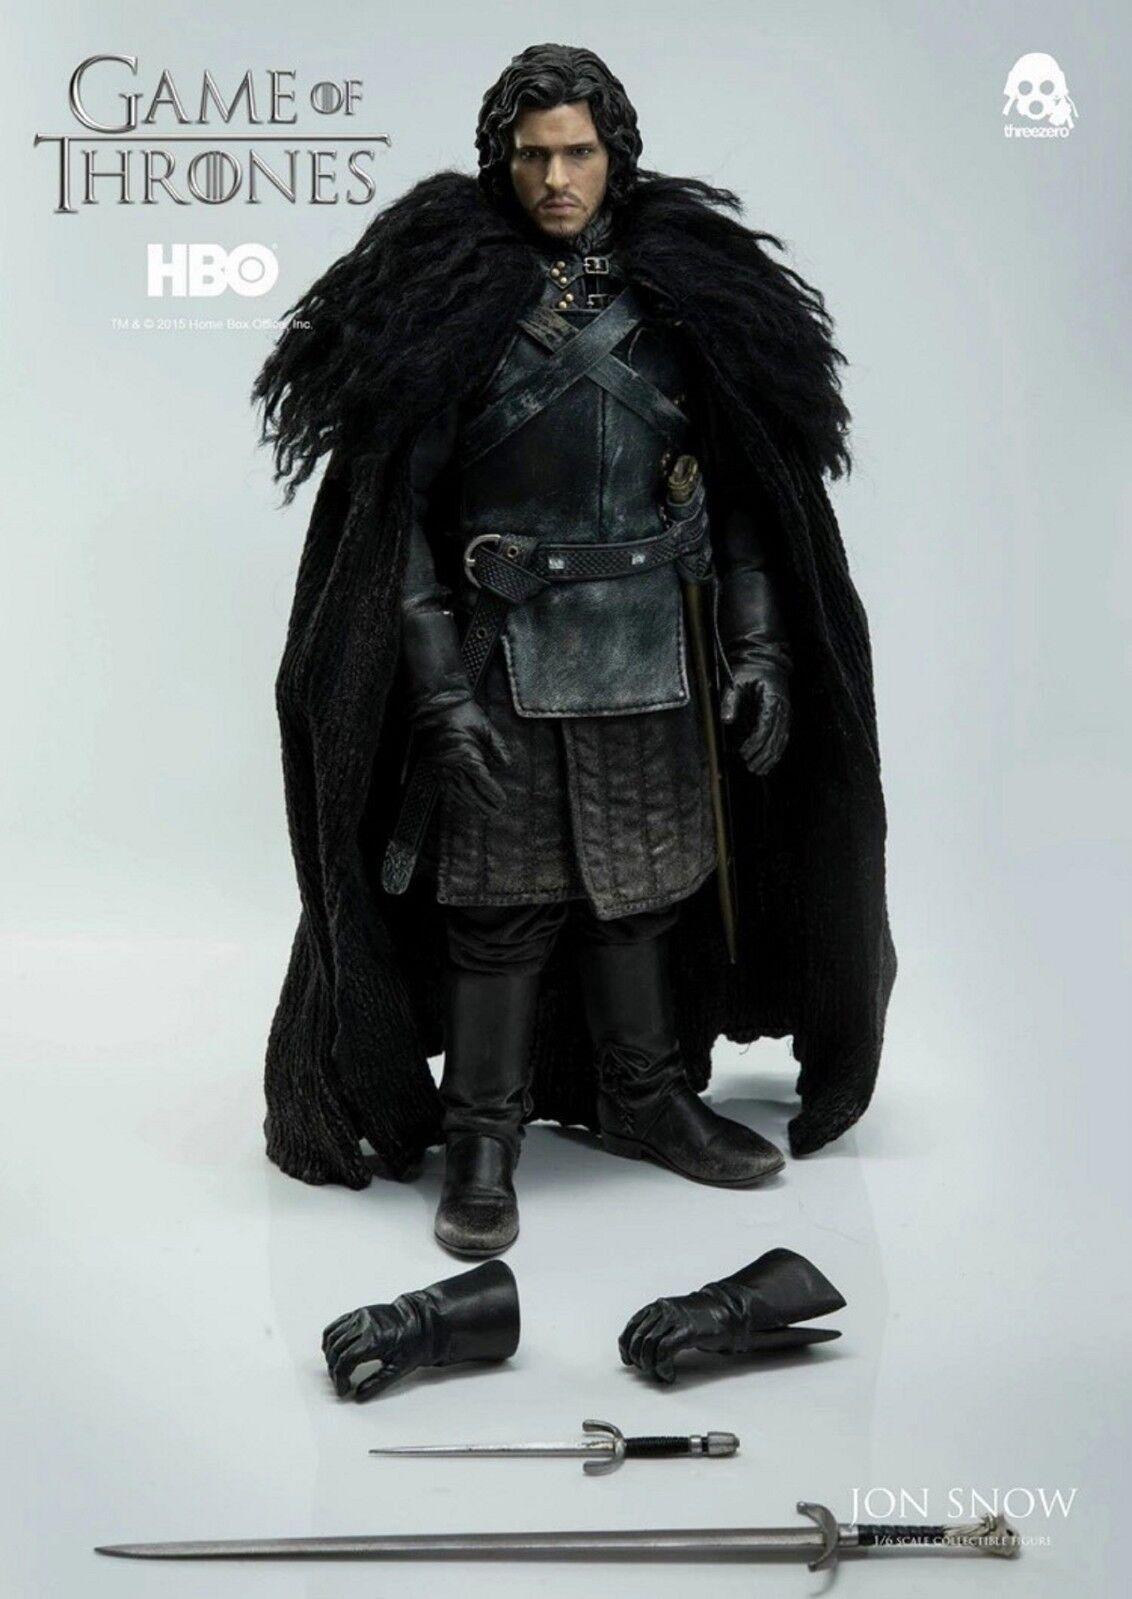 Threezero Game Of Thrones Jon Snow - 1:6th scale figure Set